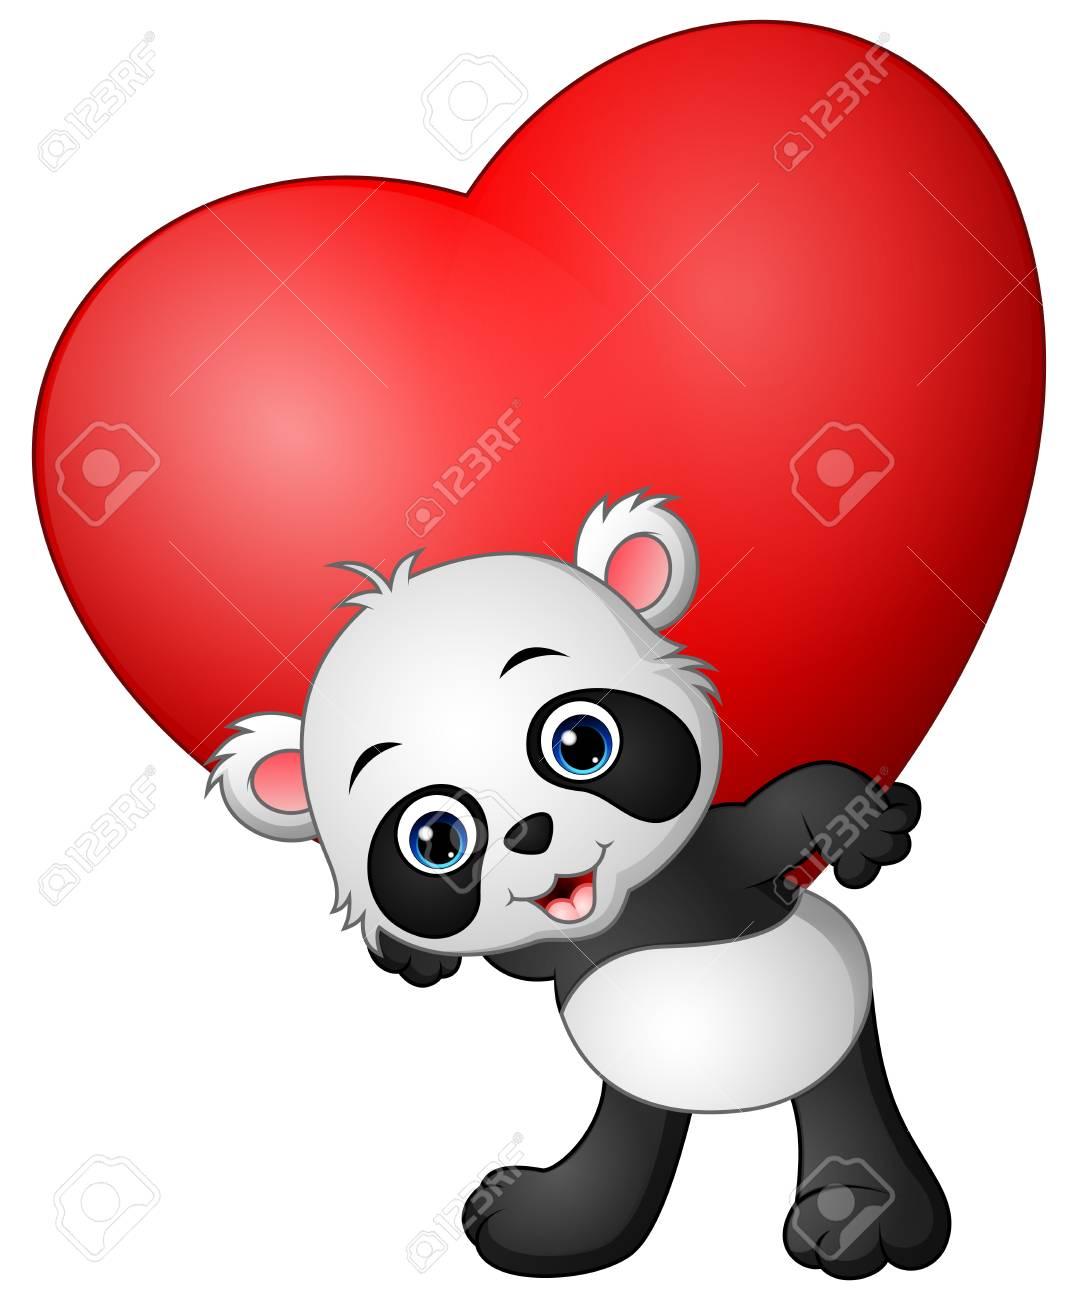 Panda De Dessin Anime Tenir Le Coeur Rouge Clip Art Libres De Droits